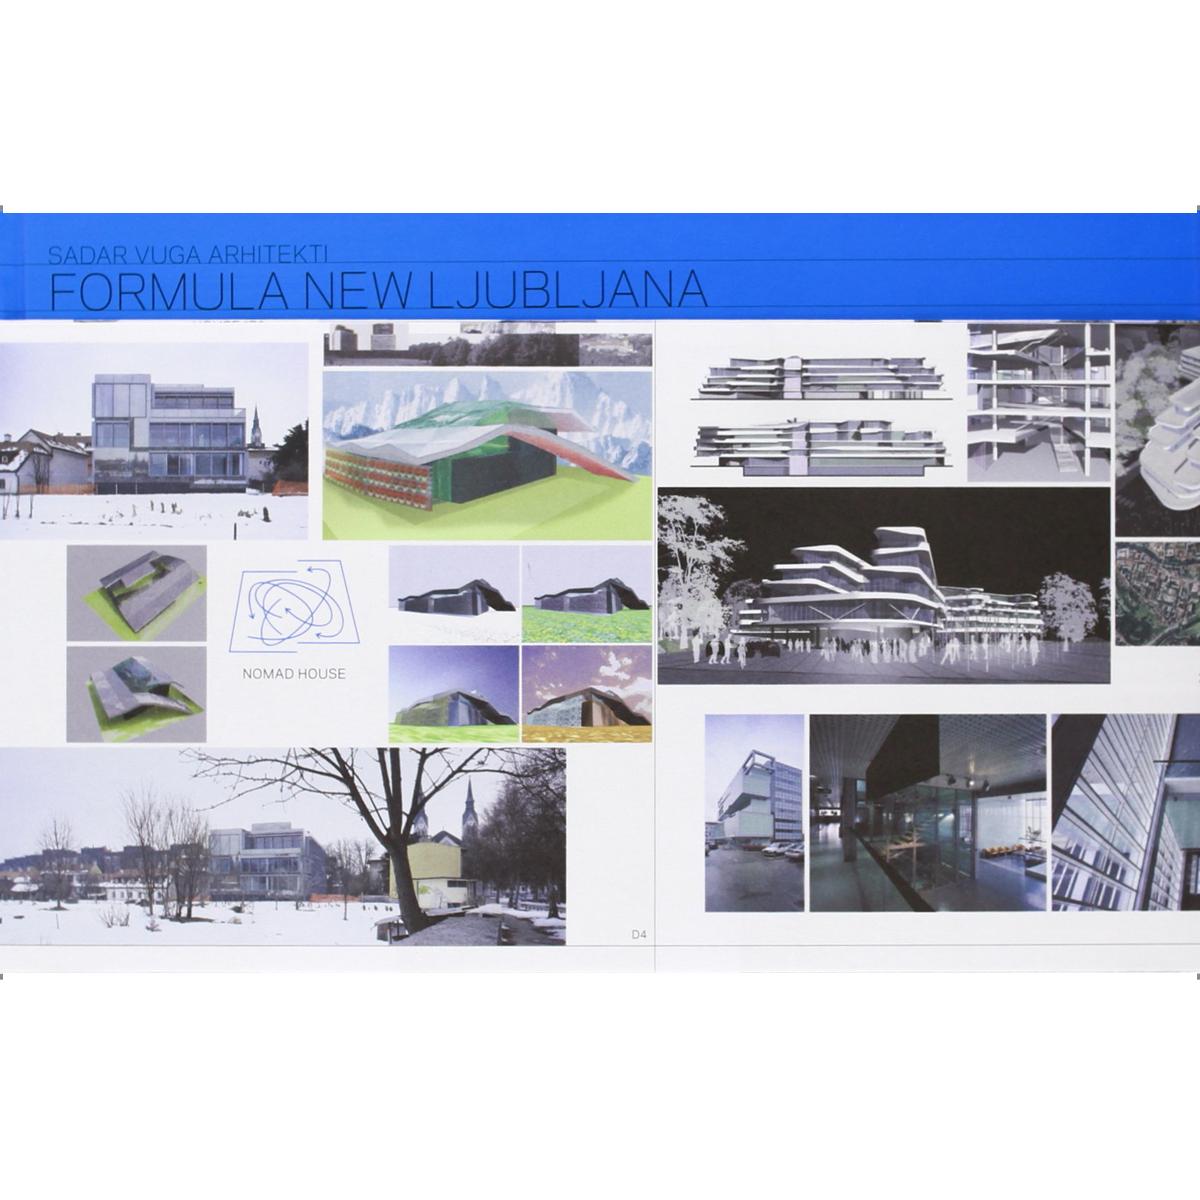 Sadar Vuga arhitekti: Formula New Ljubljana